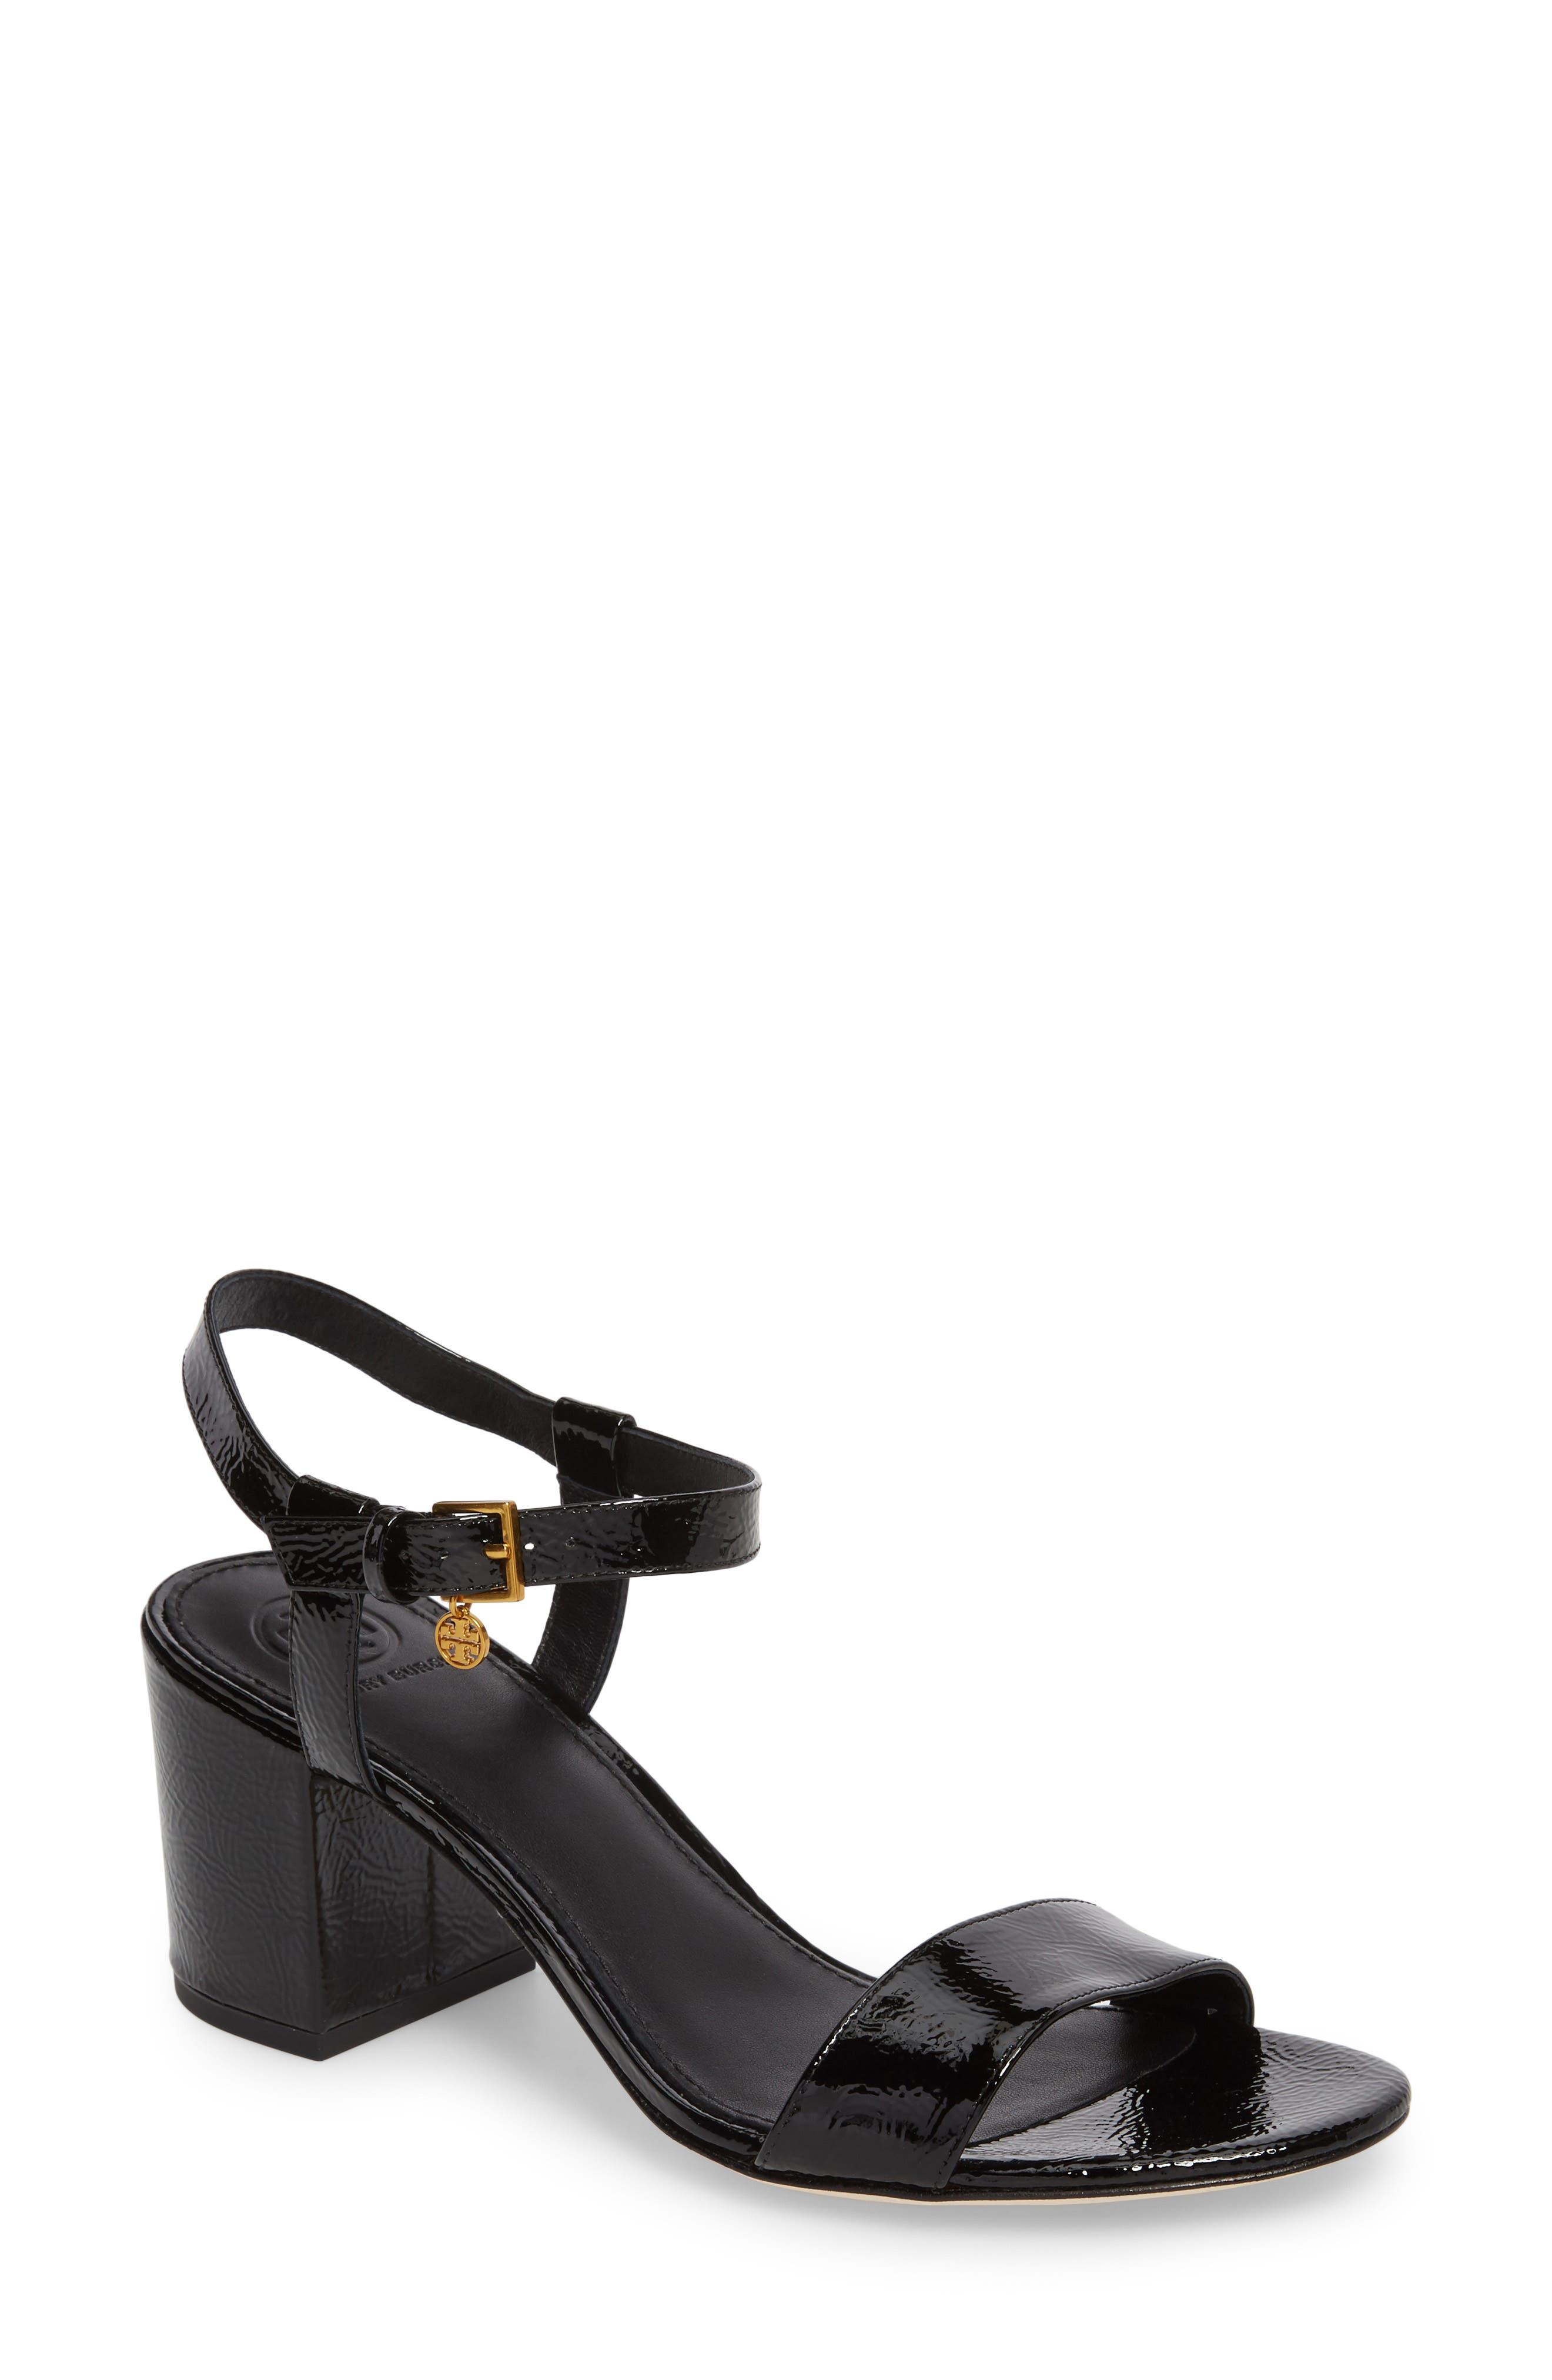 Laurel Ankle Strap Sandal,                             Main thumbnail 1, color,                             Black